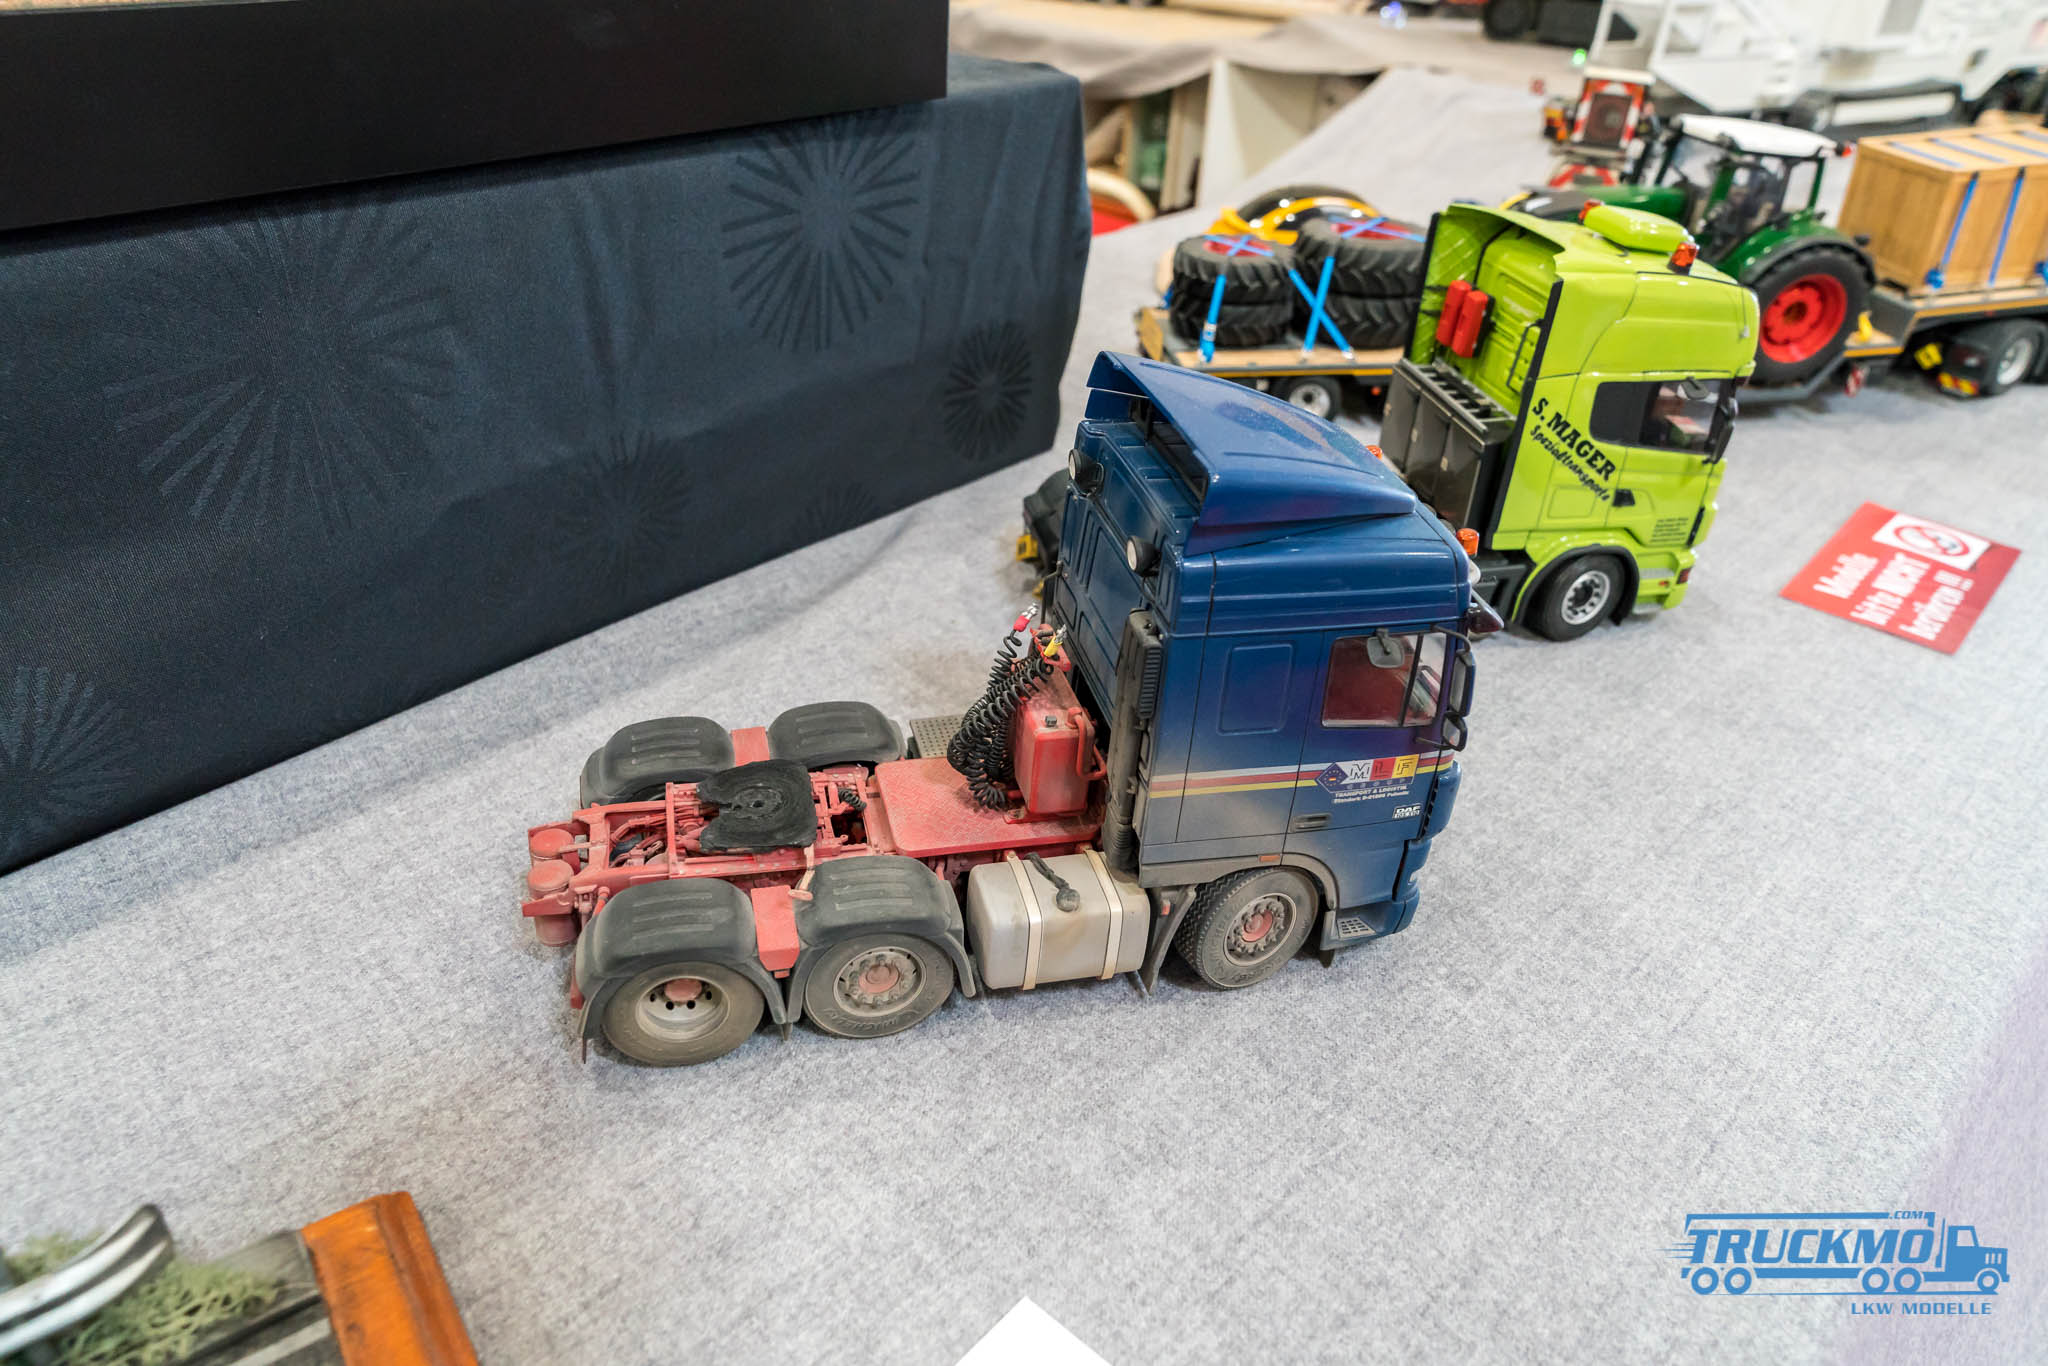 Truckmo_Modellbau_Ried_2017_Herpa_Messe_Modellbauausstellung (399 von 1177)